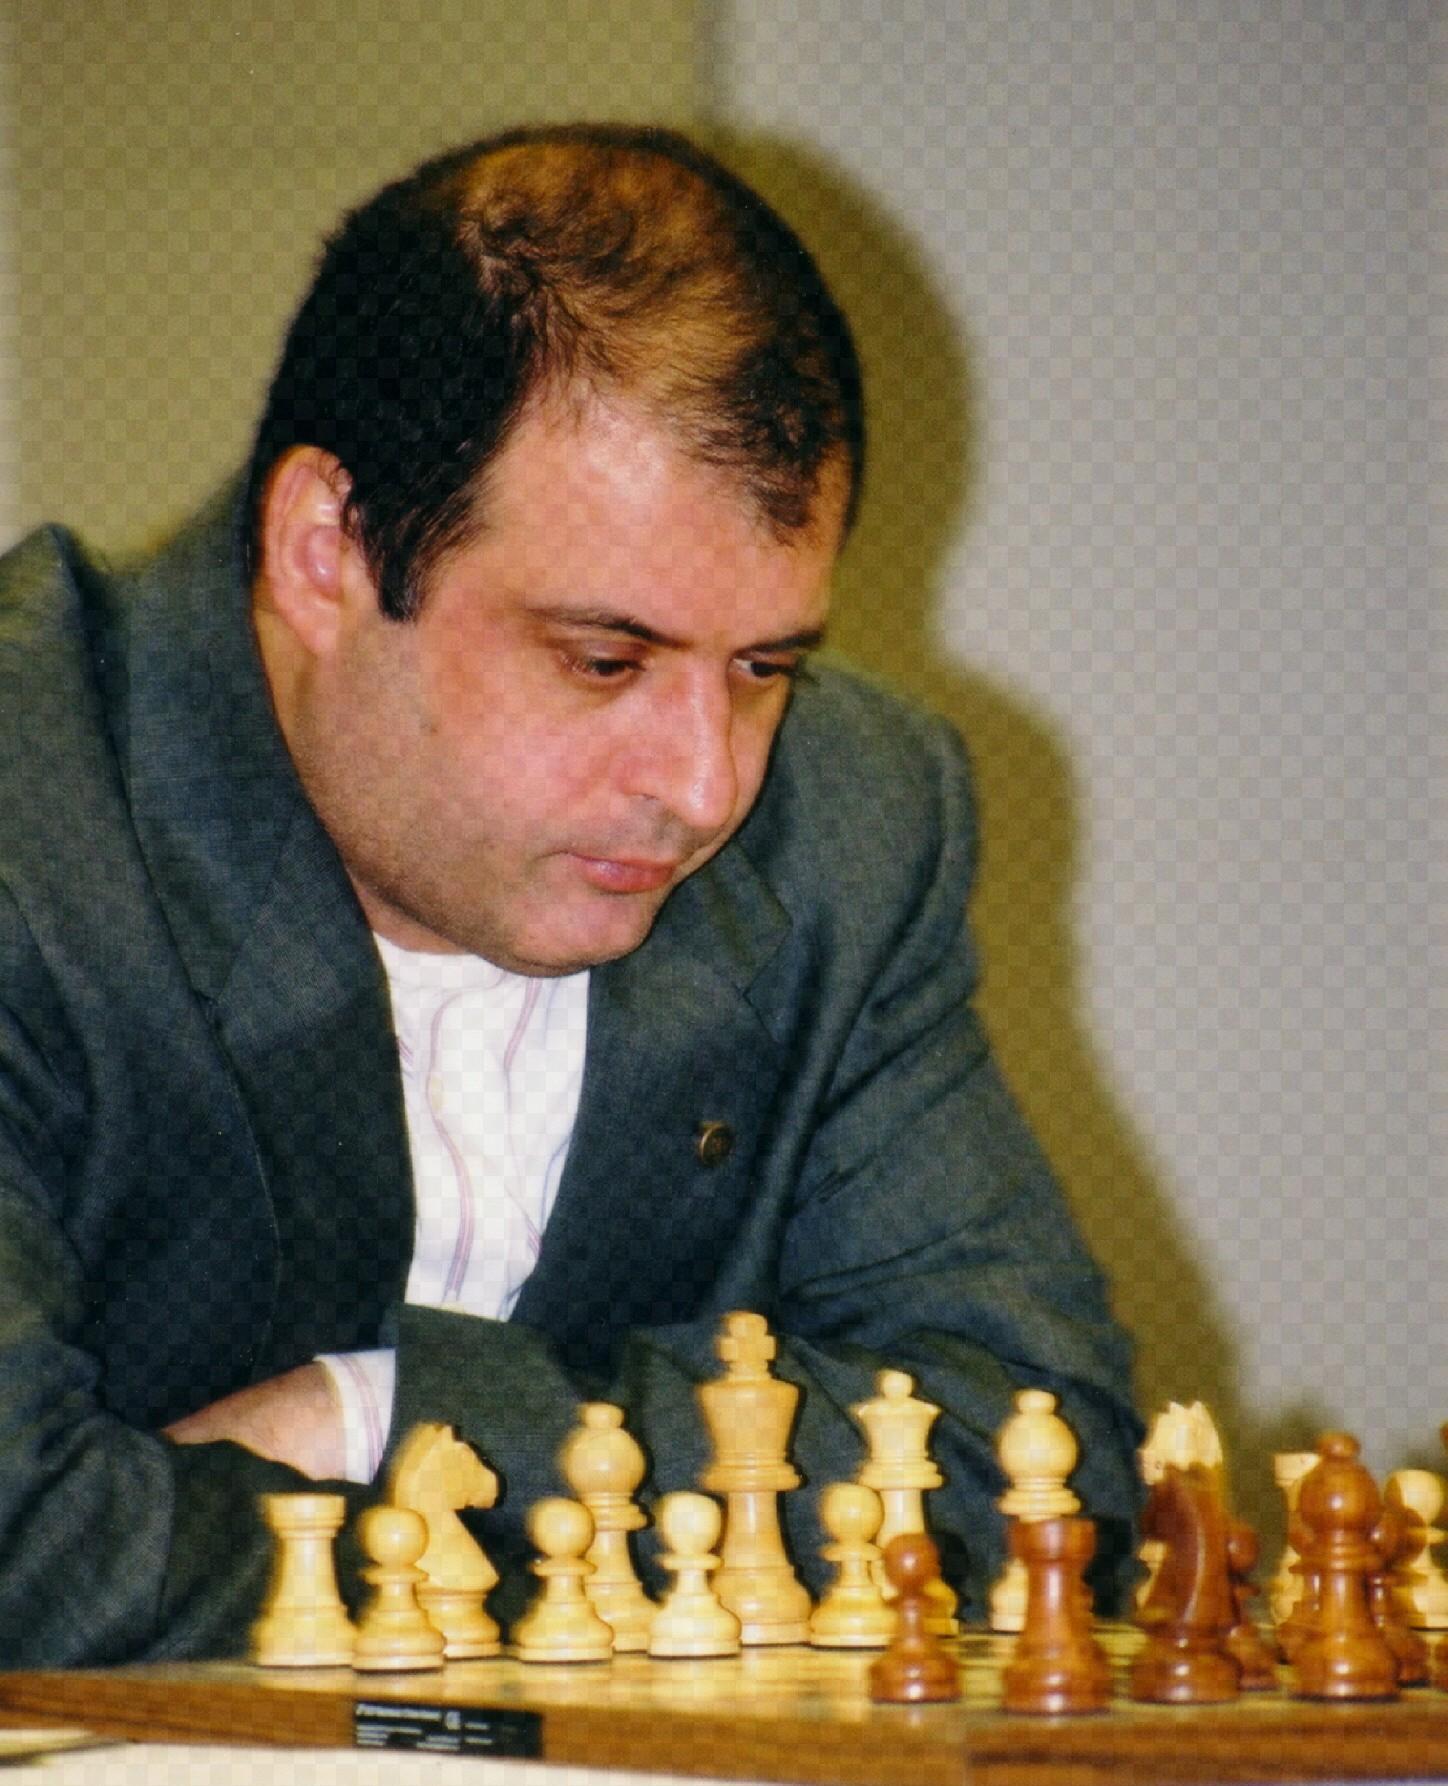 John Fedorowicz